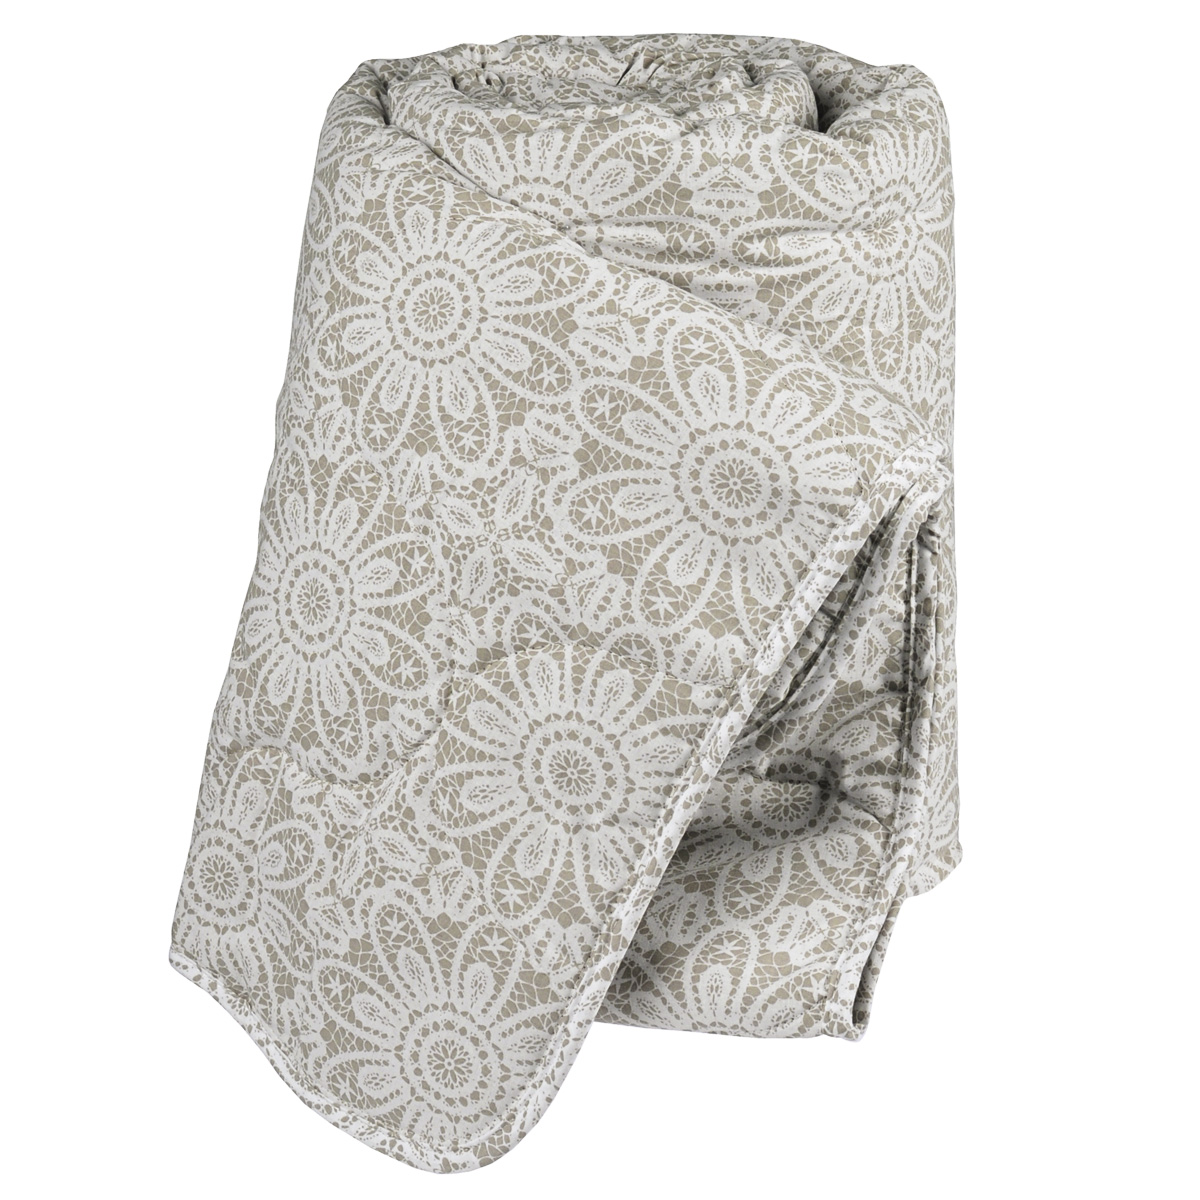 Одеяло Green Line Лен, наполнитель: льняное волокно, 200 см х 220 см187857Мягкое и комфортное одеяло Green Line Лен подарит вам незабываемое чувство уюта и умиротворения. Чехол выполнен из чистого хлопка. Одеяло поможет создать максимально удобные и благоприятные условия для сладкого сна.Преимущества льняного наполнителя: - имеет эффект активного дыхания, - природный антисептик, - холодит в жару и согревает в холод. Лен полезен для здоровья, обладает положительной энергетикой.Не стирать, не гладить. Материал верха: 100% хлопок. Наполнитель: 90% льняное волокно, 10% полиэстер.Масса наполнителя: 300 г/м2.